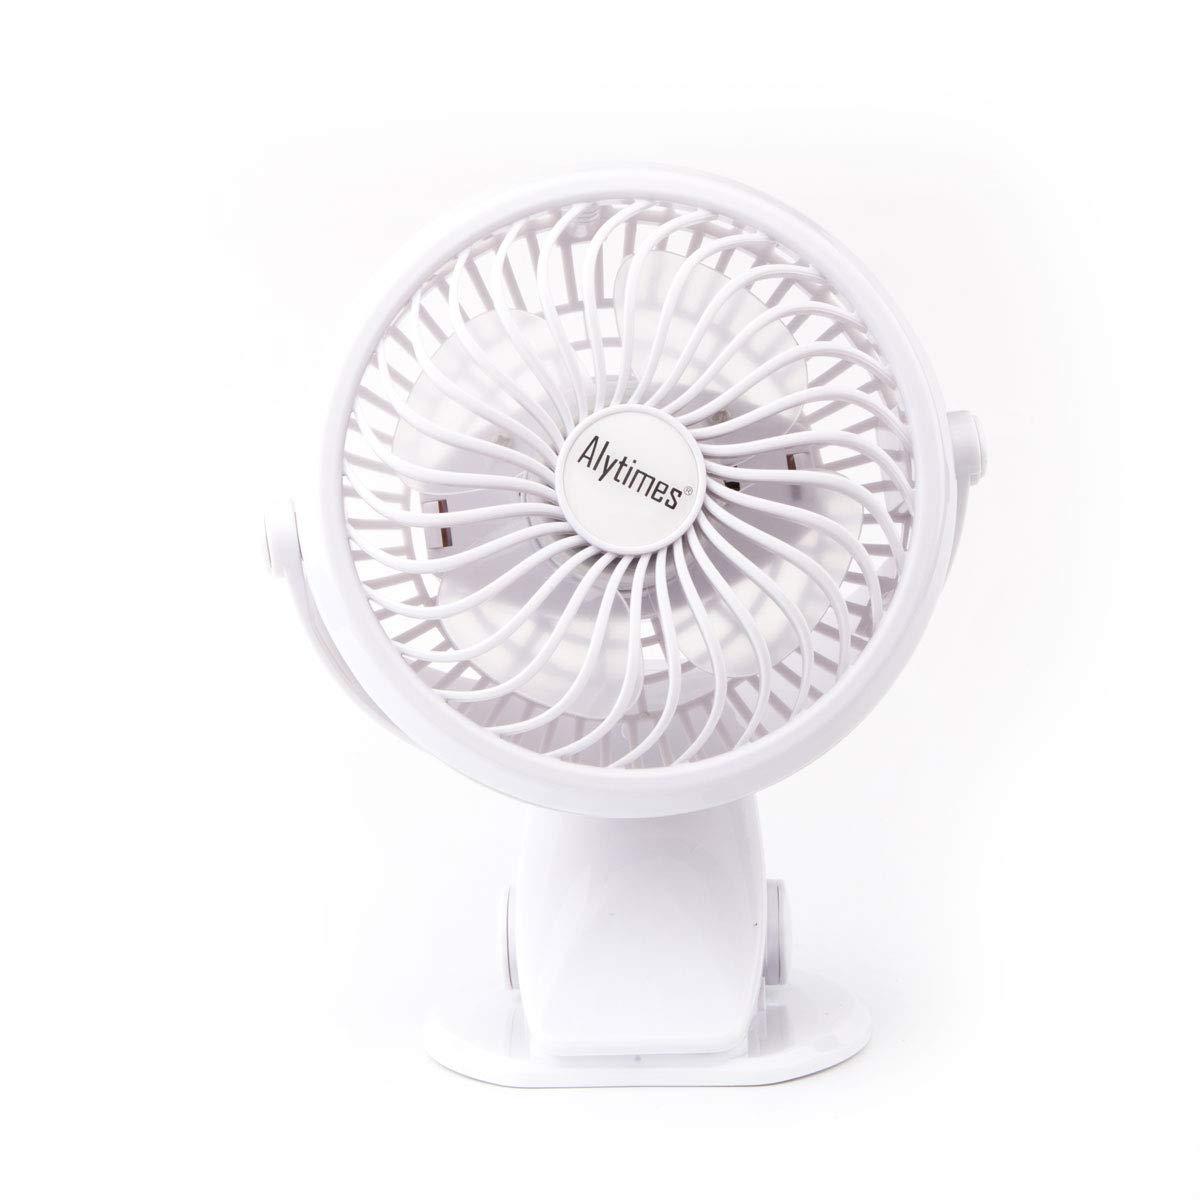 Black 360 Rotation Personal Clip Desk Fan Alytimes USB Clip On Fan for Baby Stroller